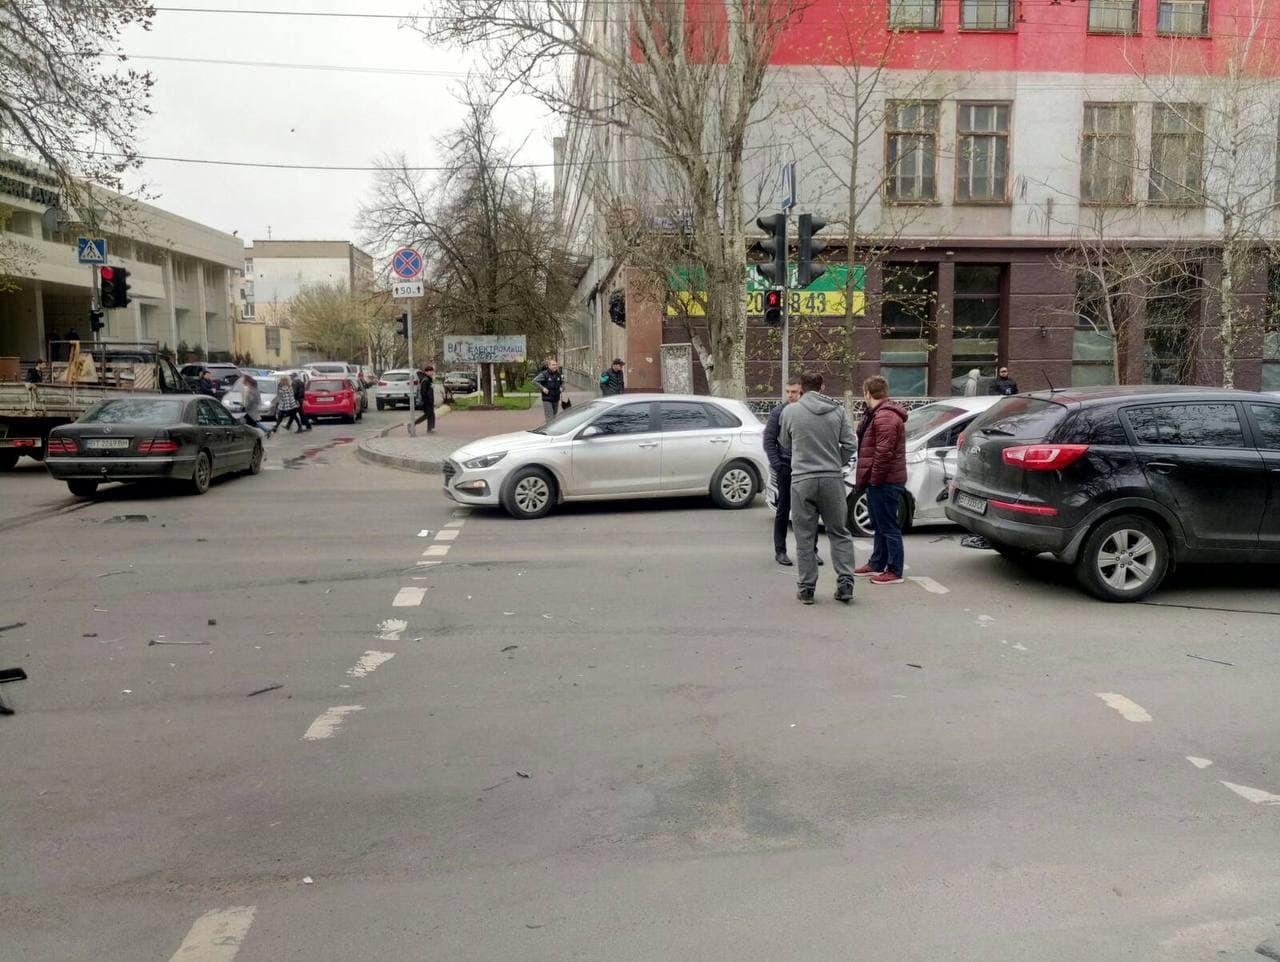 Патрульные рассказали о ДТП, которое произошло утром в центре Херсона, - видео